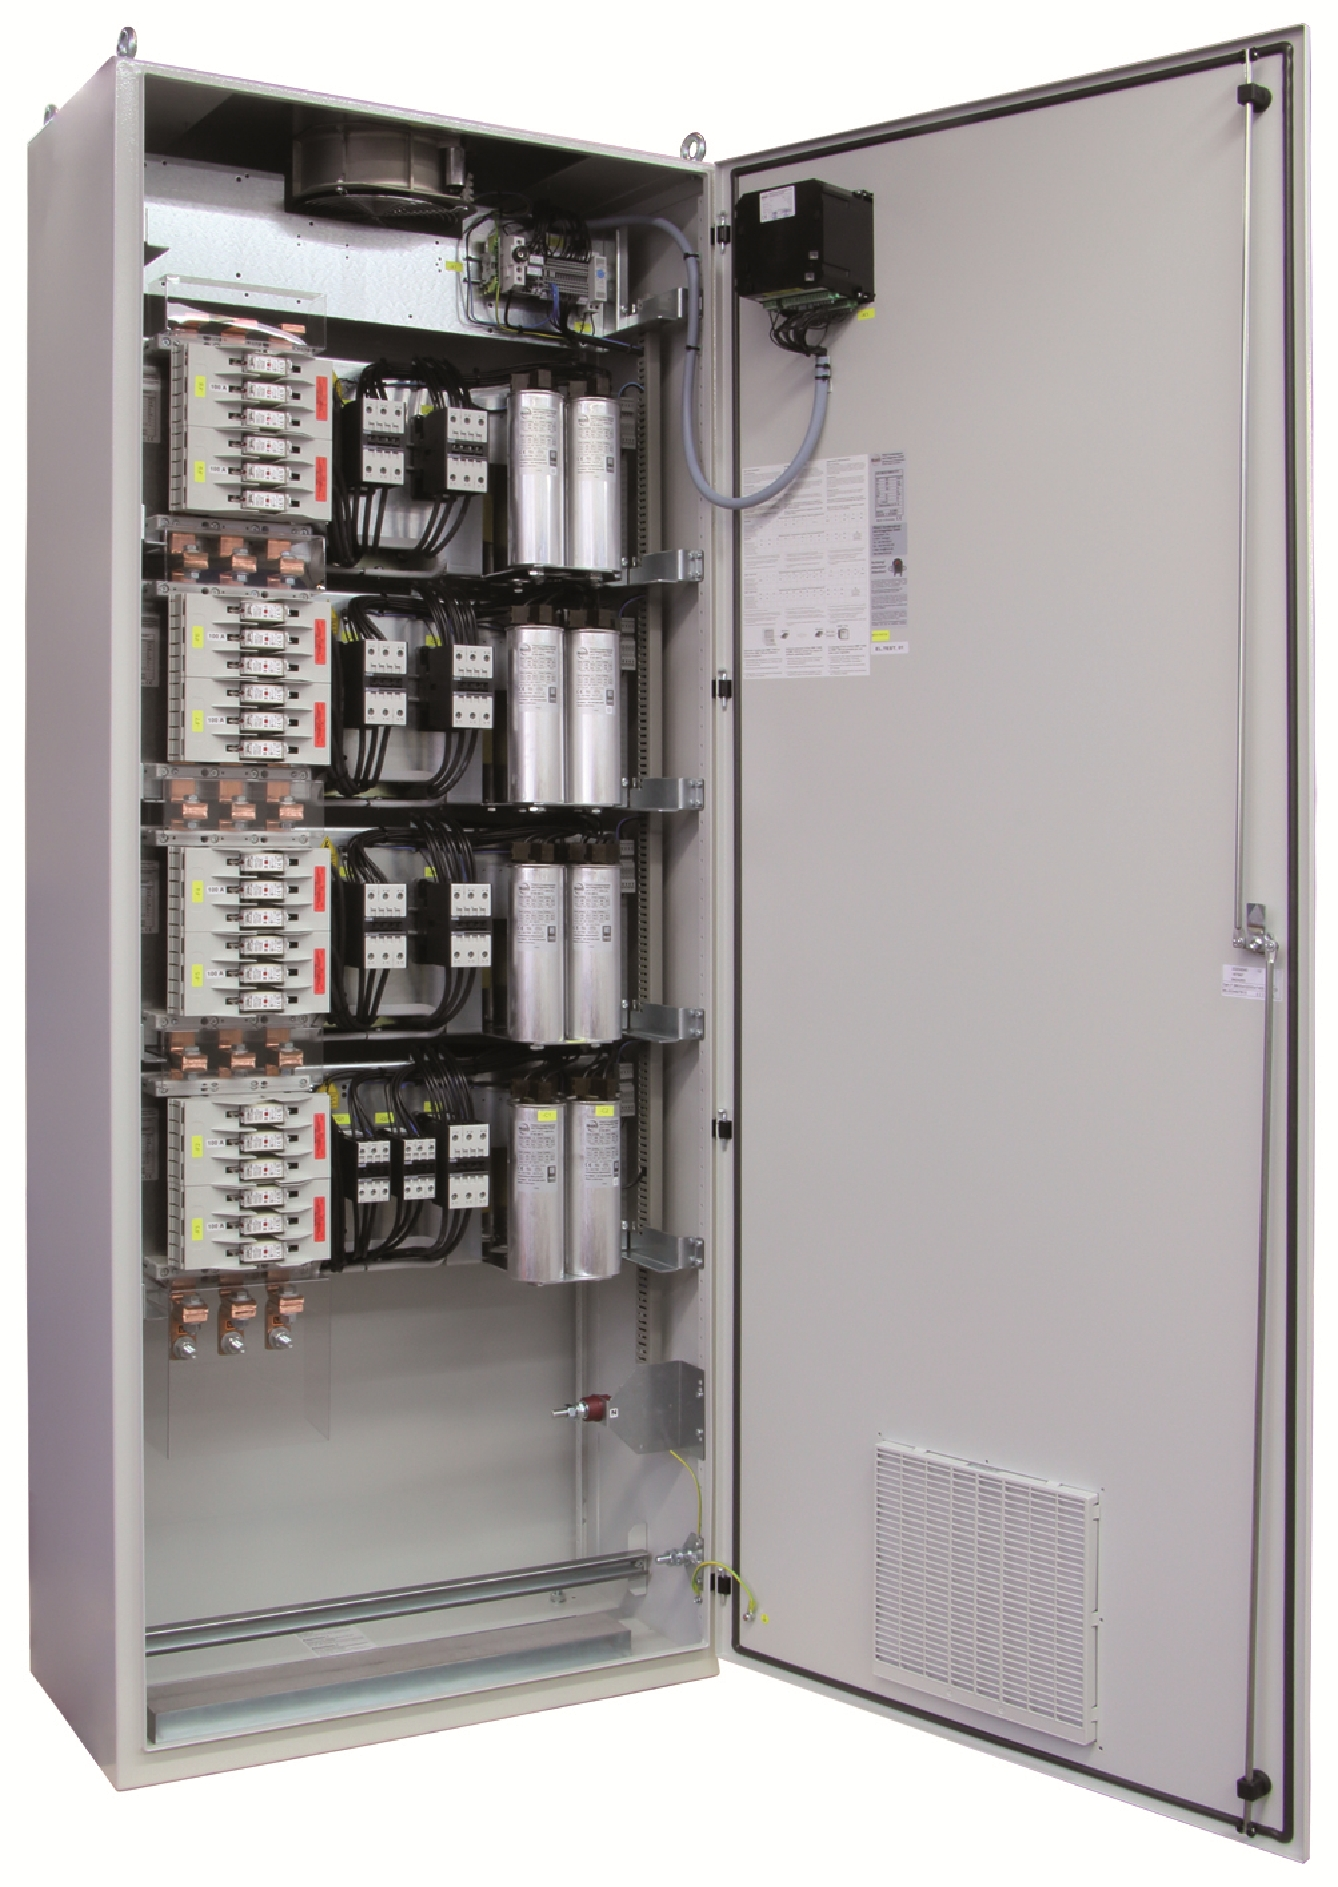 1 Stk Kompensation LSFC 14% 100/25kvar 800x2110x500mm FR3422630-